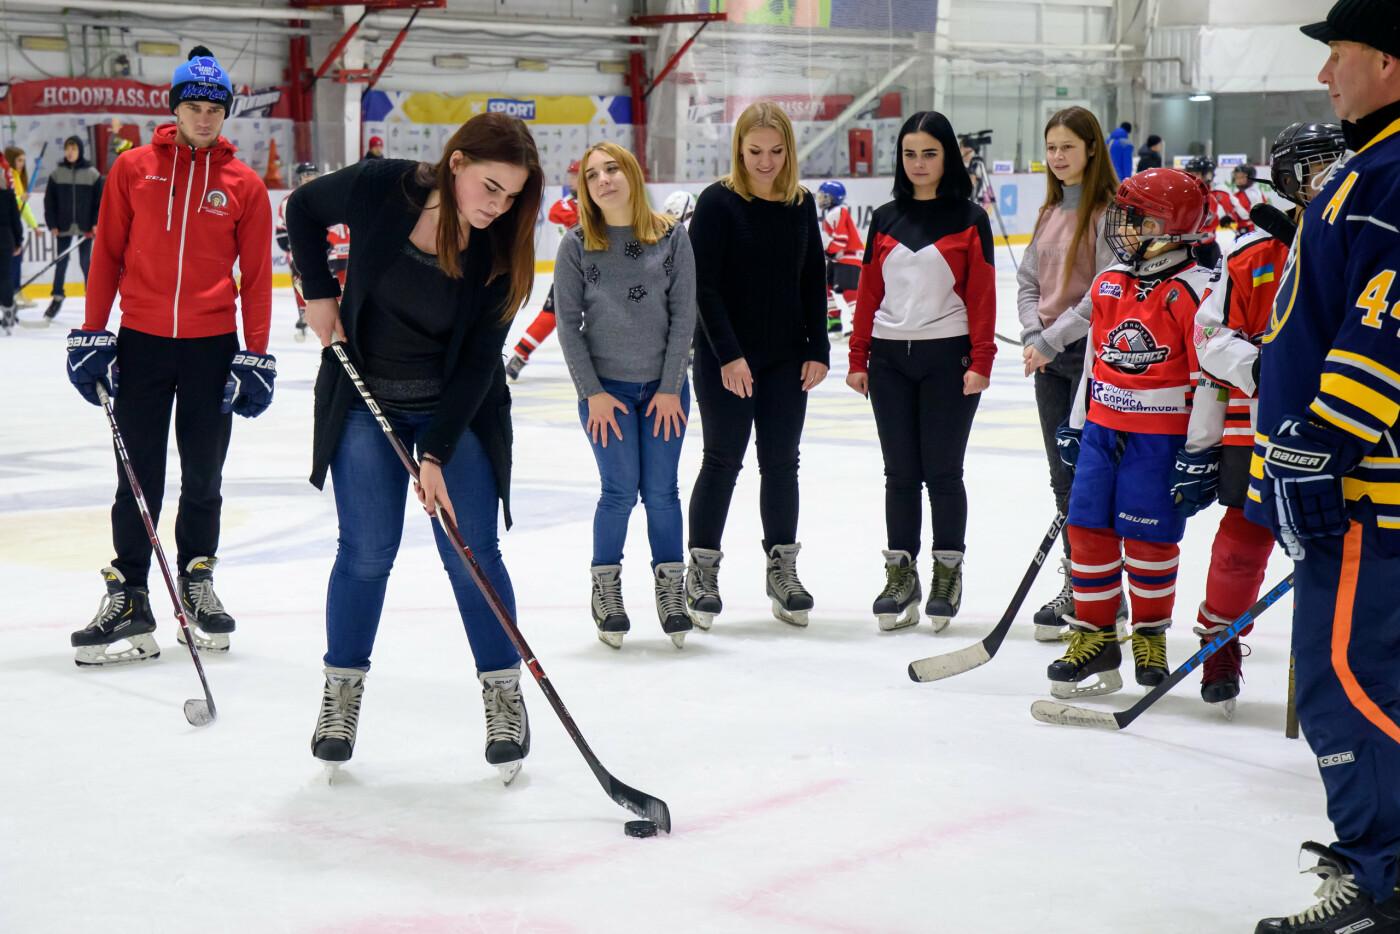 Дружковка: На ледовой арене «Альтаир» звёзды хоккея провели тренировку и мастер-классы для всех желающих (ФОТО), фото-2